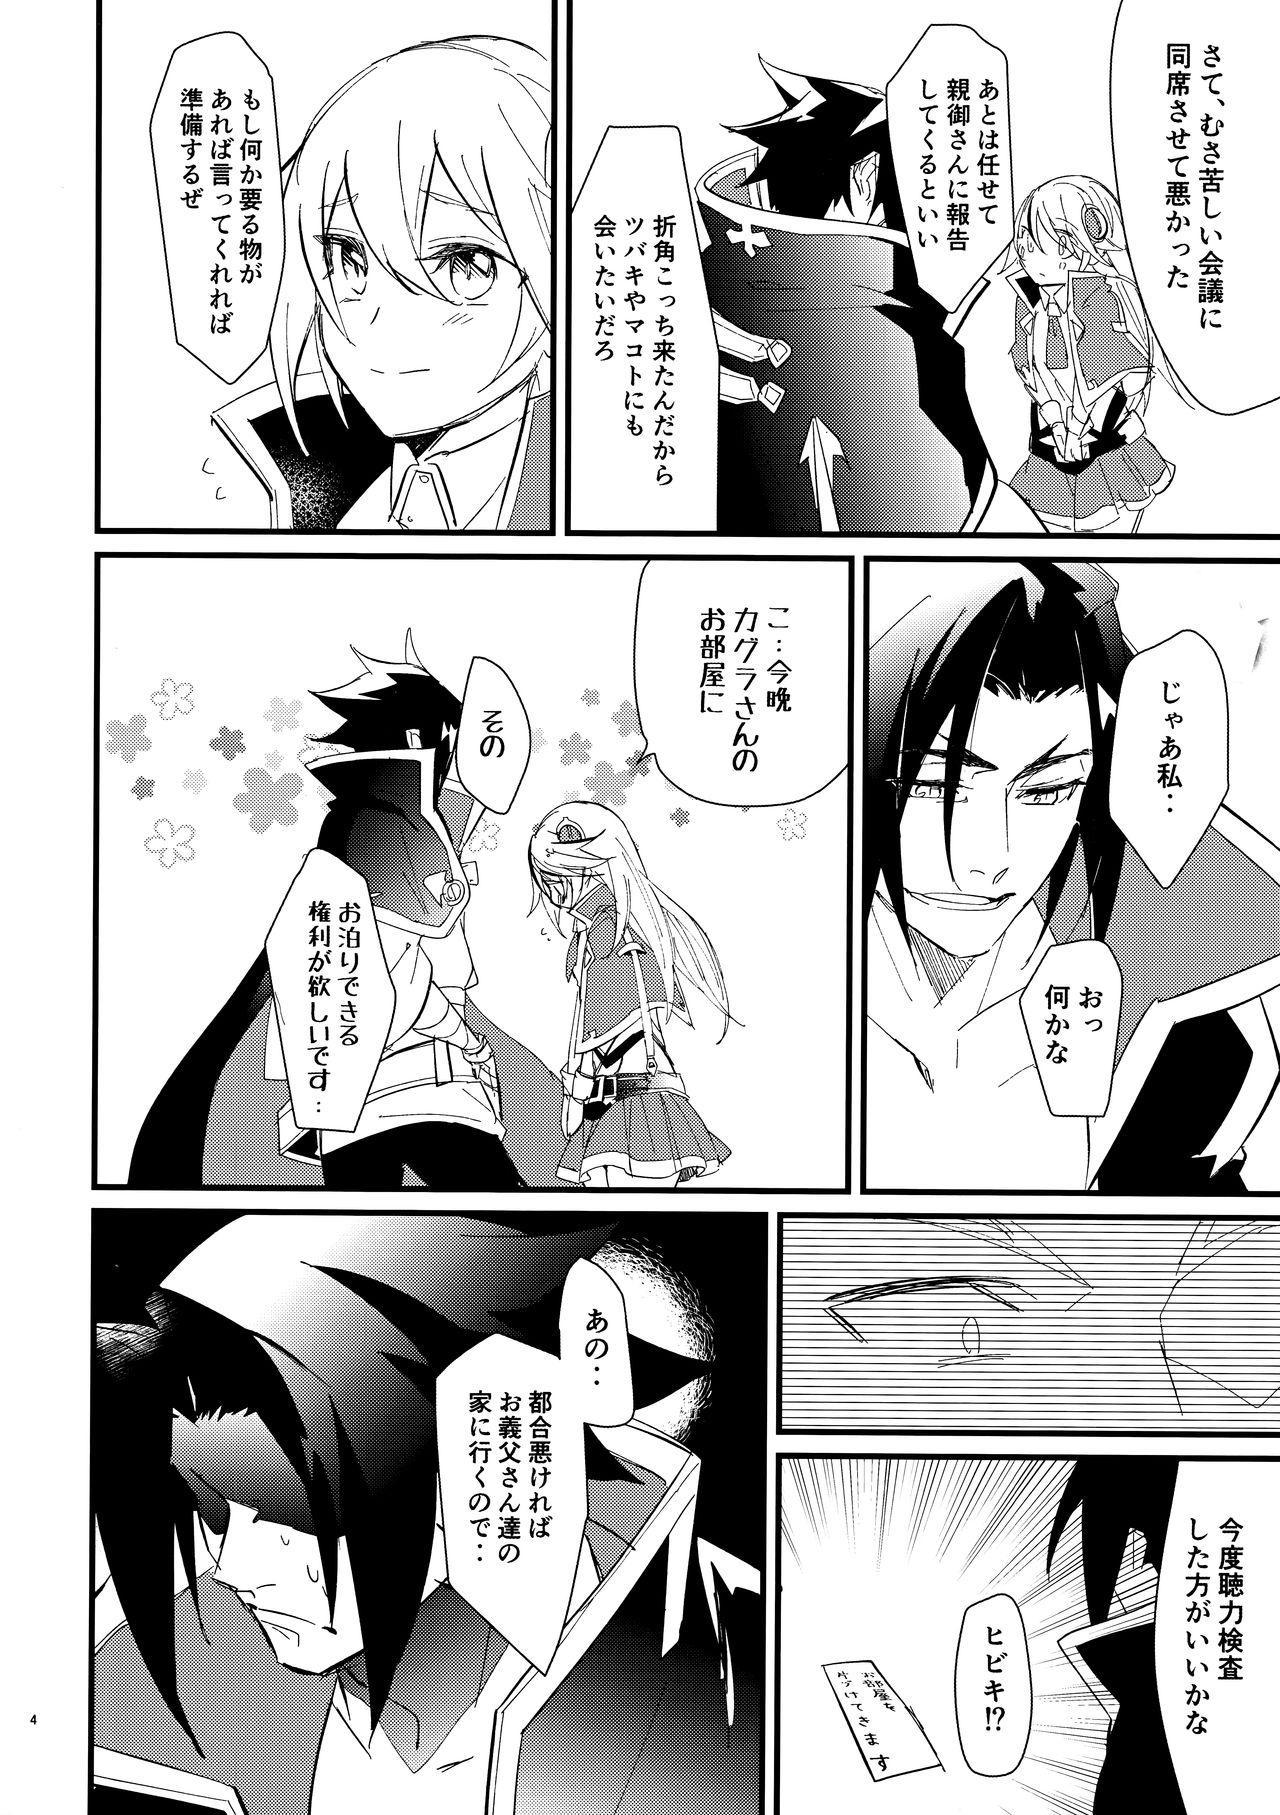 Himitsu to Gaman to Koiwazurai 2